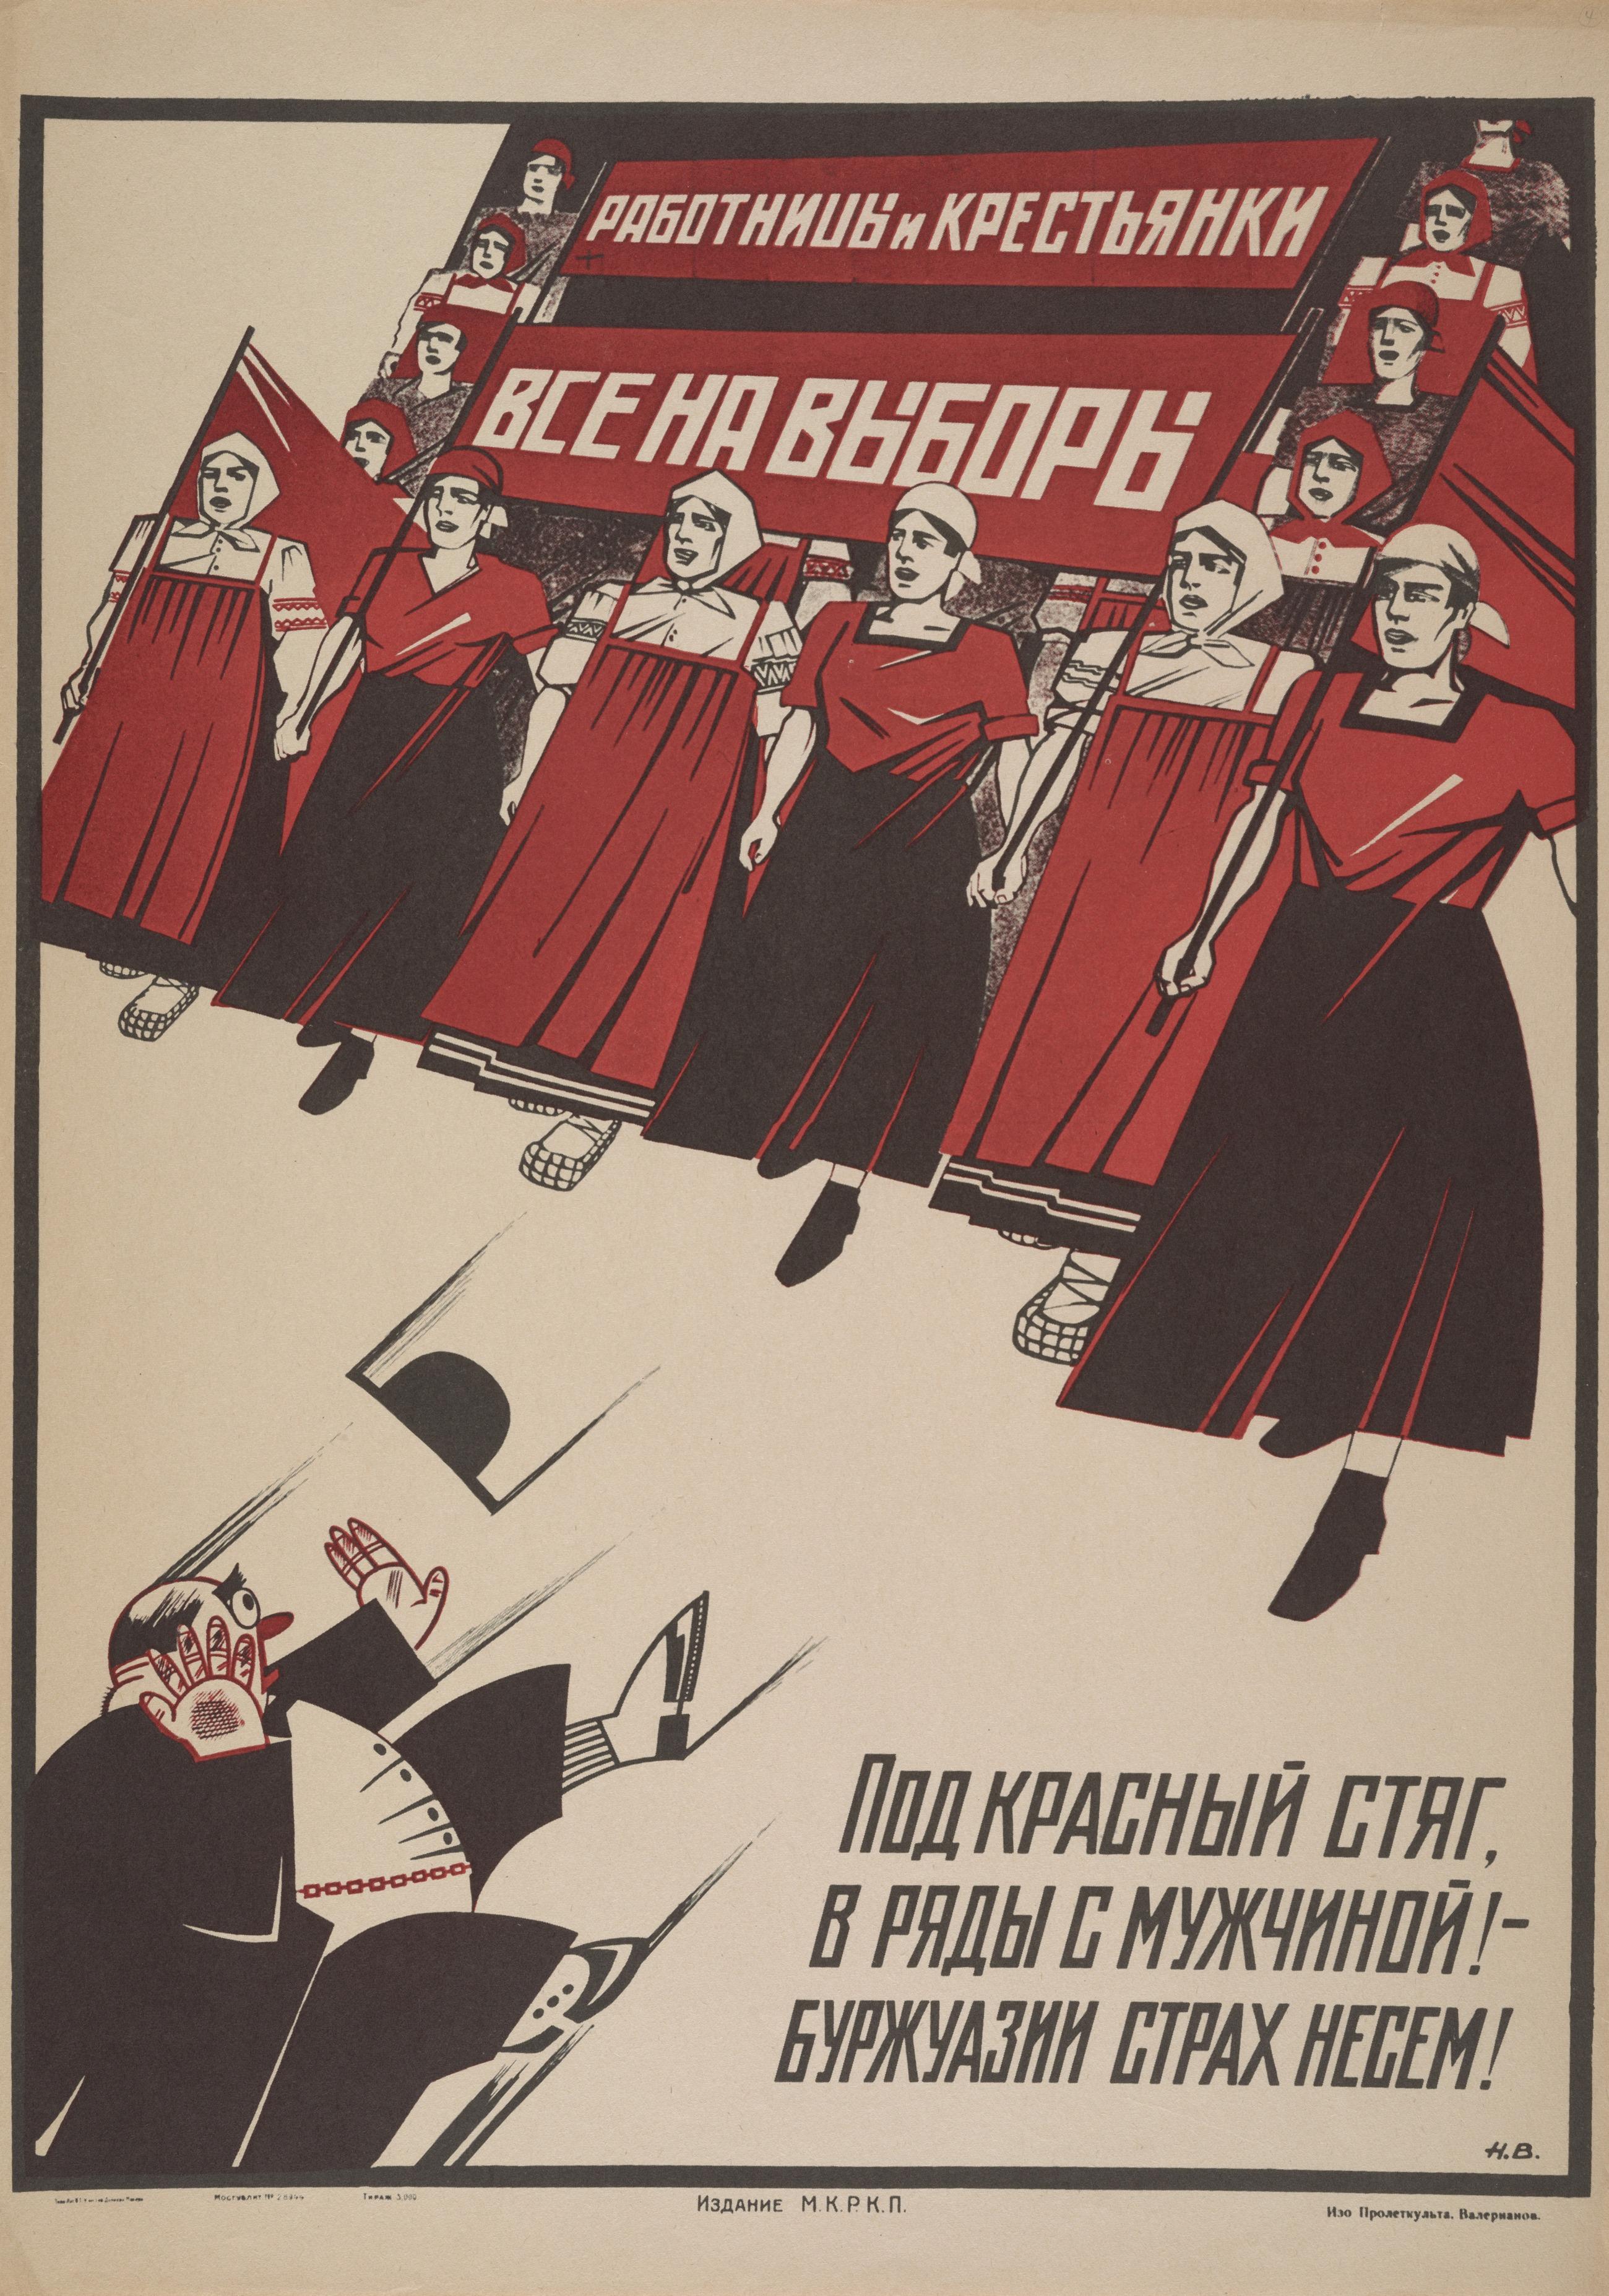 Работницы и крестьянки, все на выборы Автор: Н. Валерианов Год: 1925